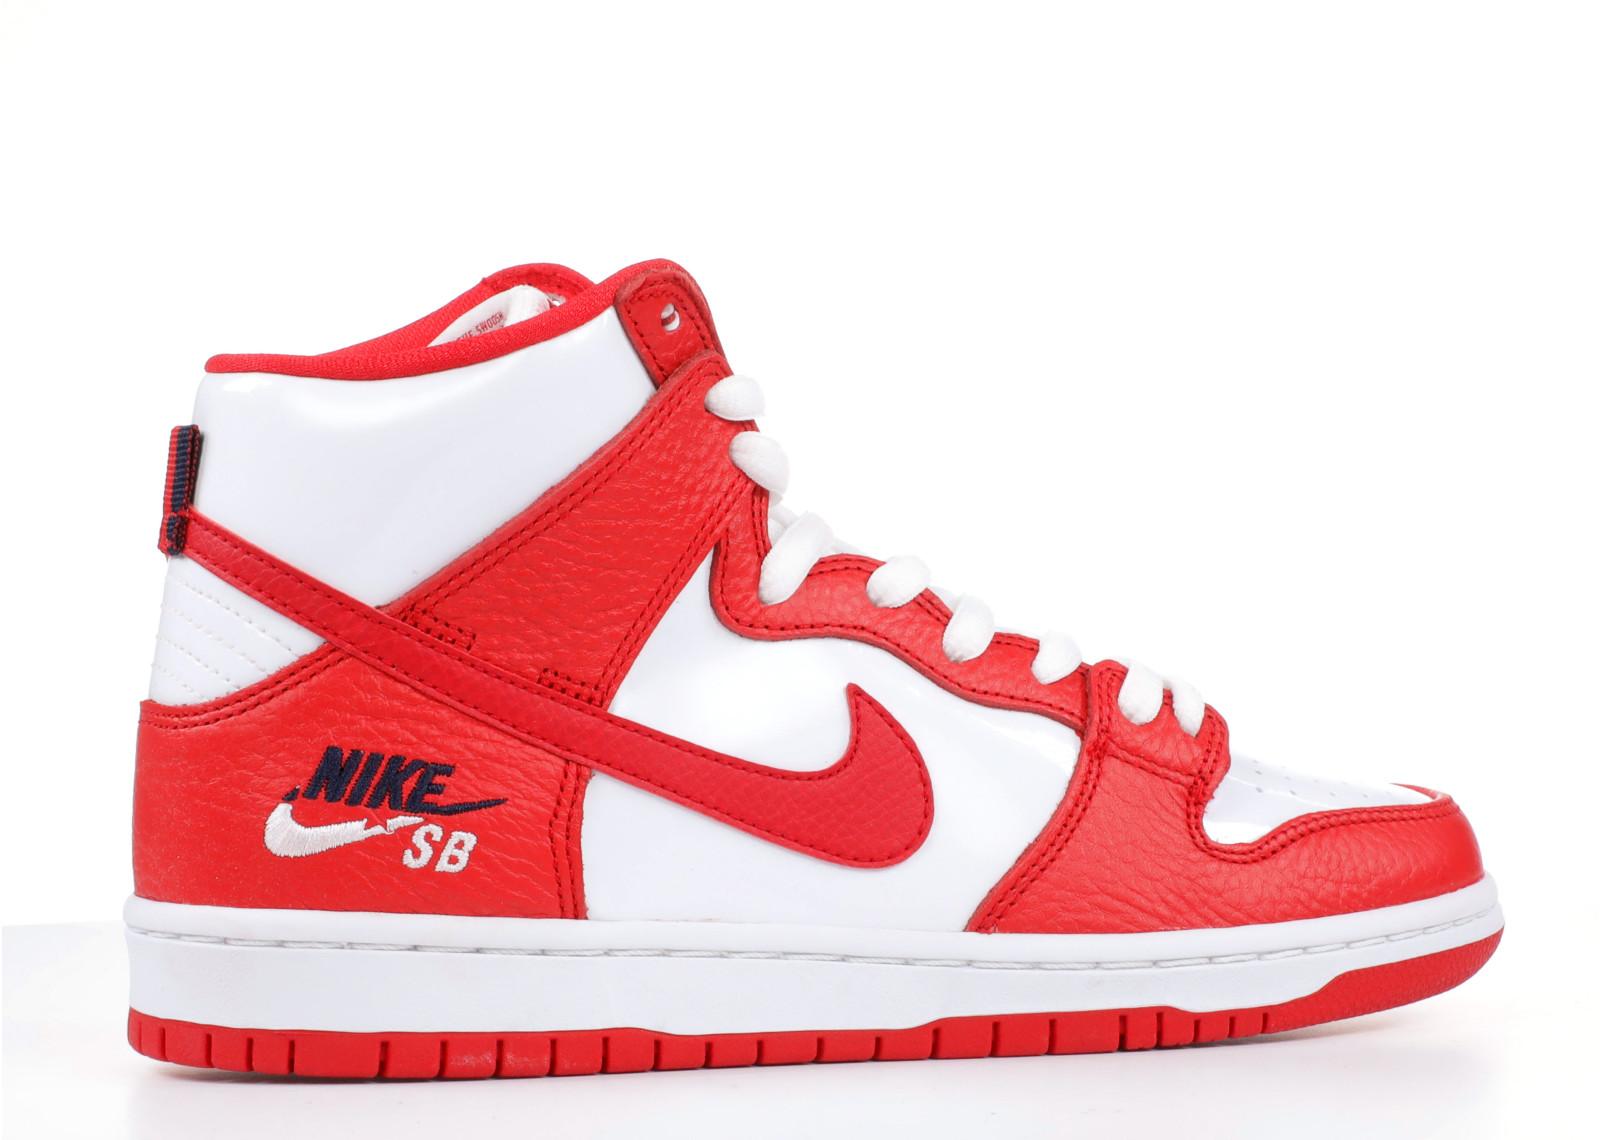 ナイキ エスビー ズーム ダンク ハイ プロ ユニバーシティー 赤 レッド メンズ 男性用 メンズ靴 スニーカー 靴 【 NIKE SB ZOOM DUNK HIGH PRO UNIVERSITY RED 】